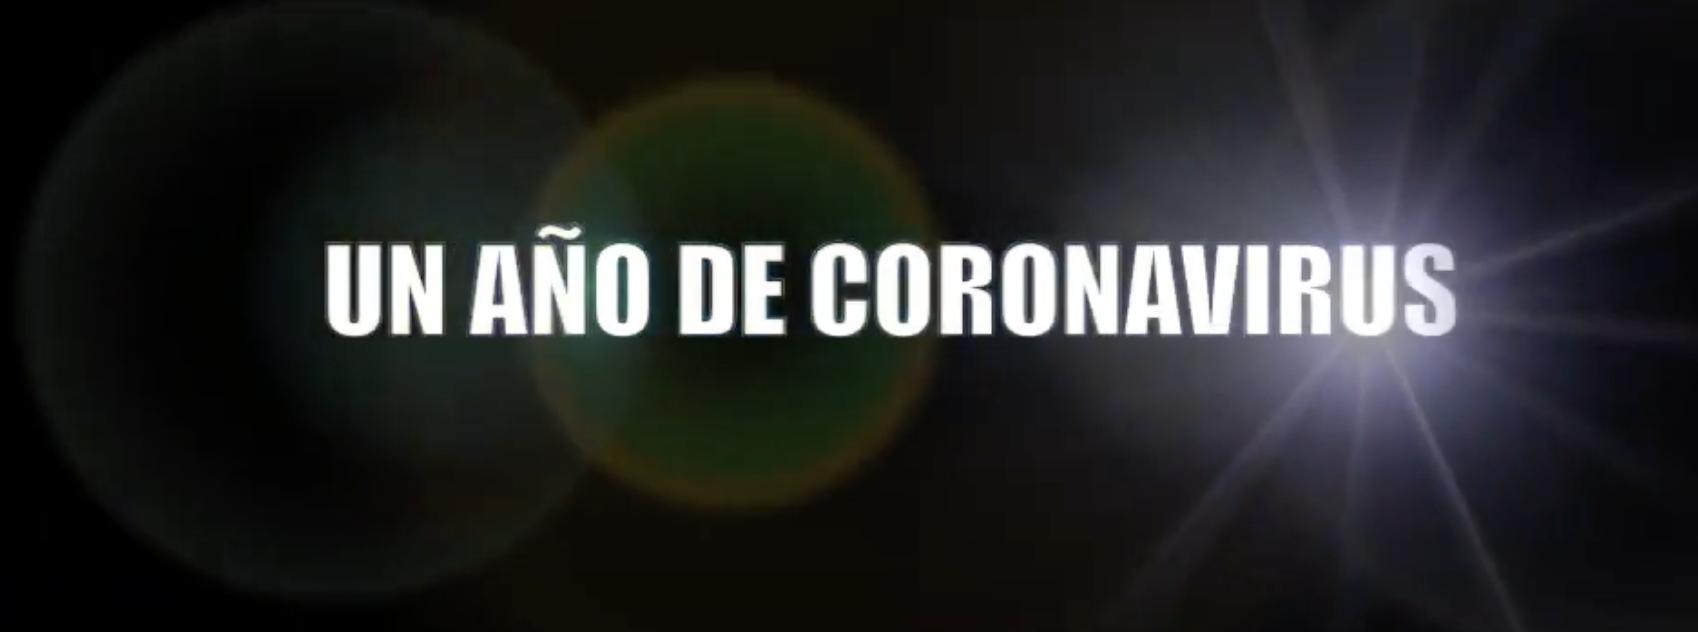 """🎥 El COOCV PRESENTA EL VÍDEO """"UN AÑO DE CORONAVIRUS"""" 🎬"""